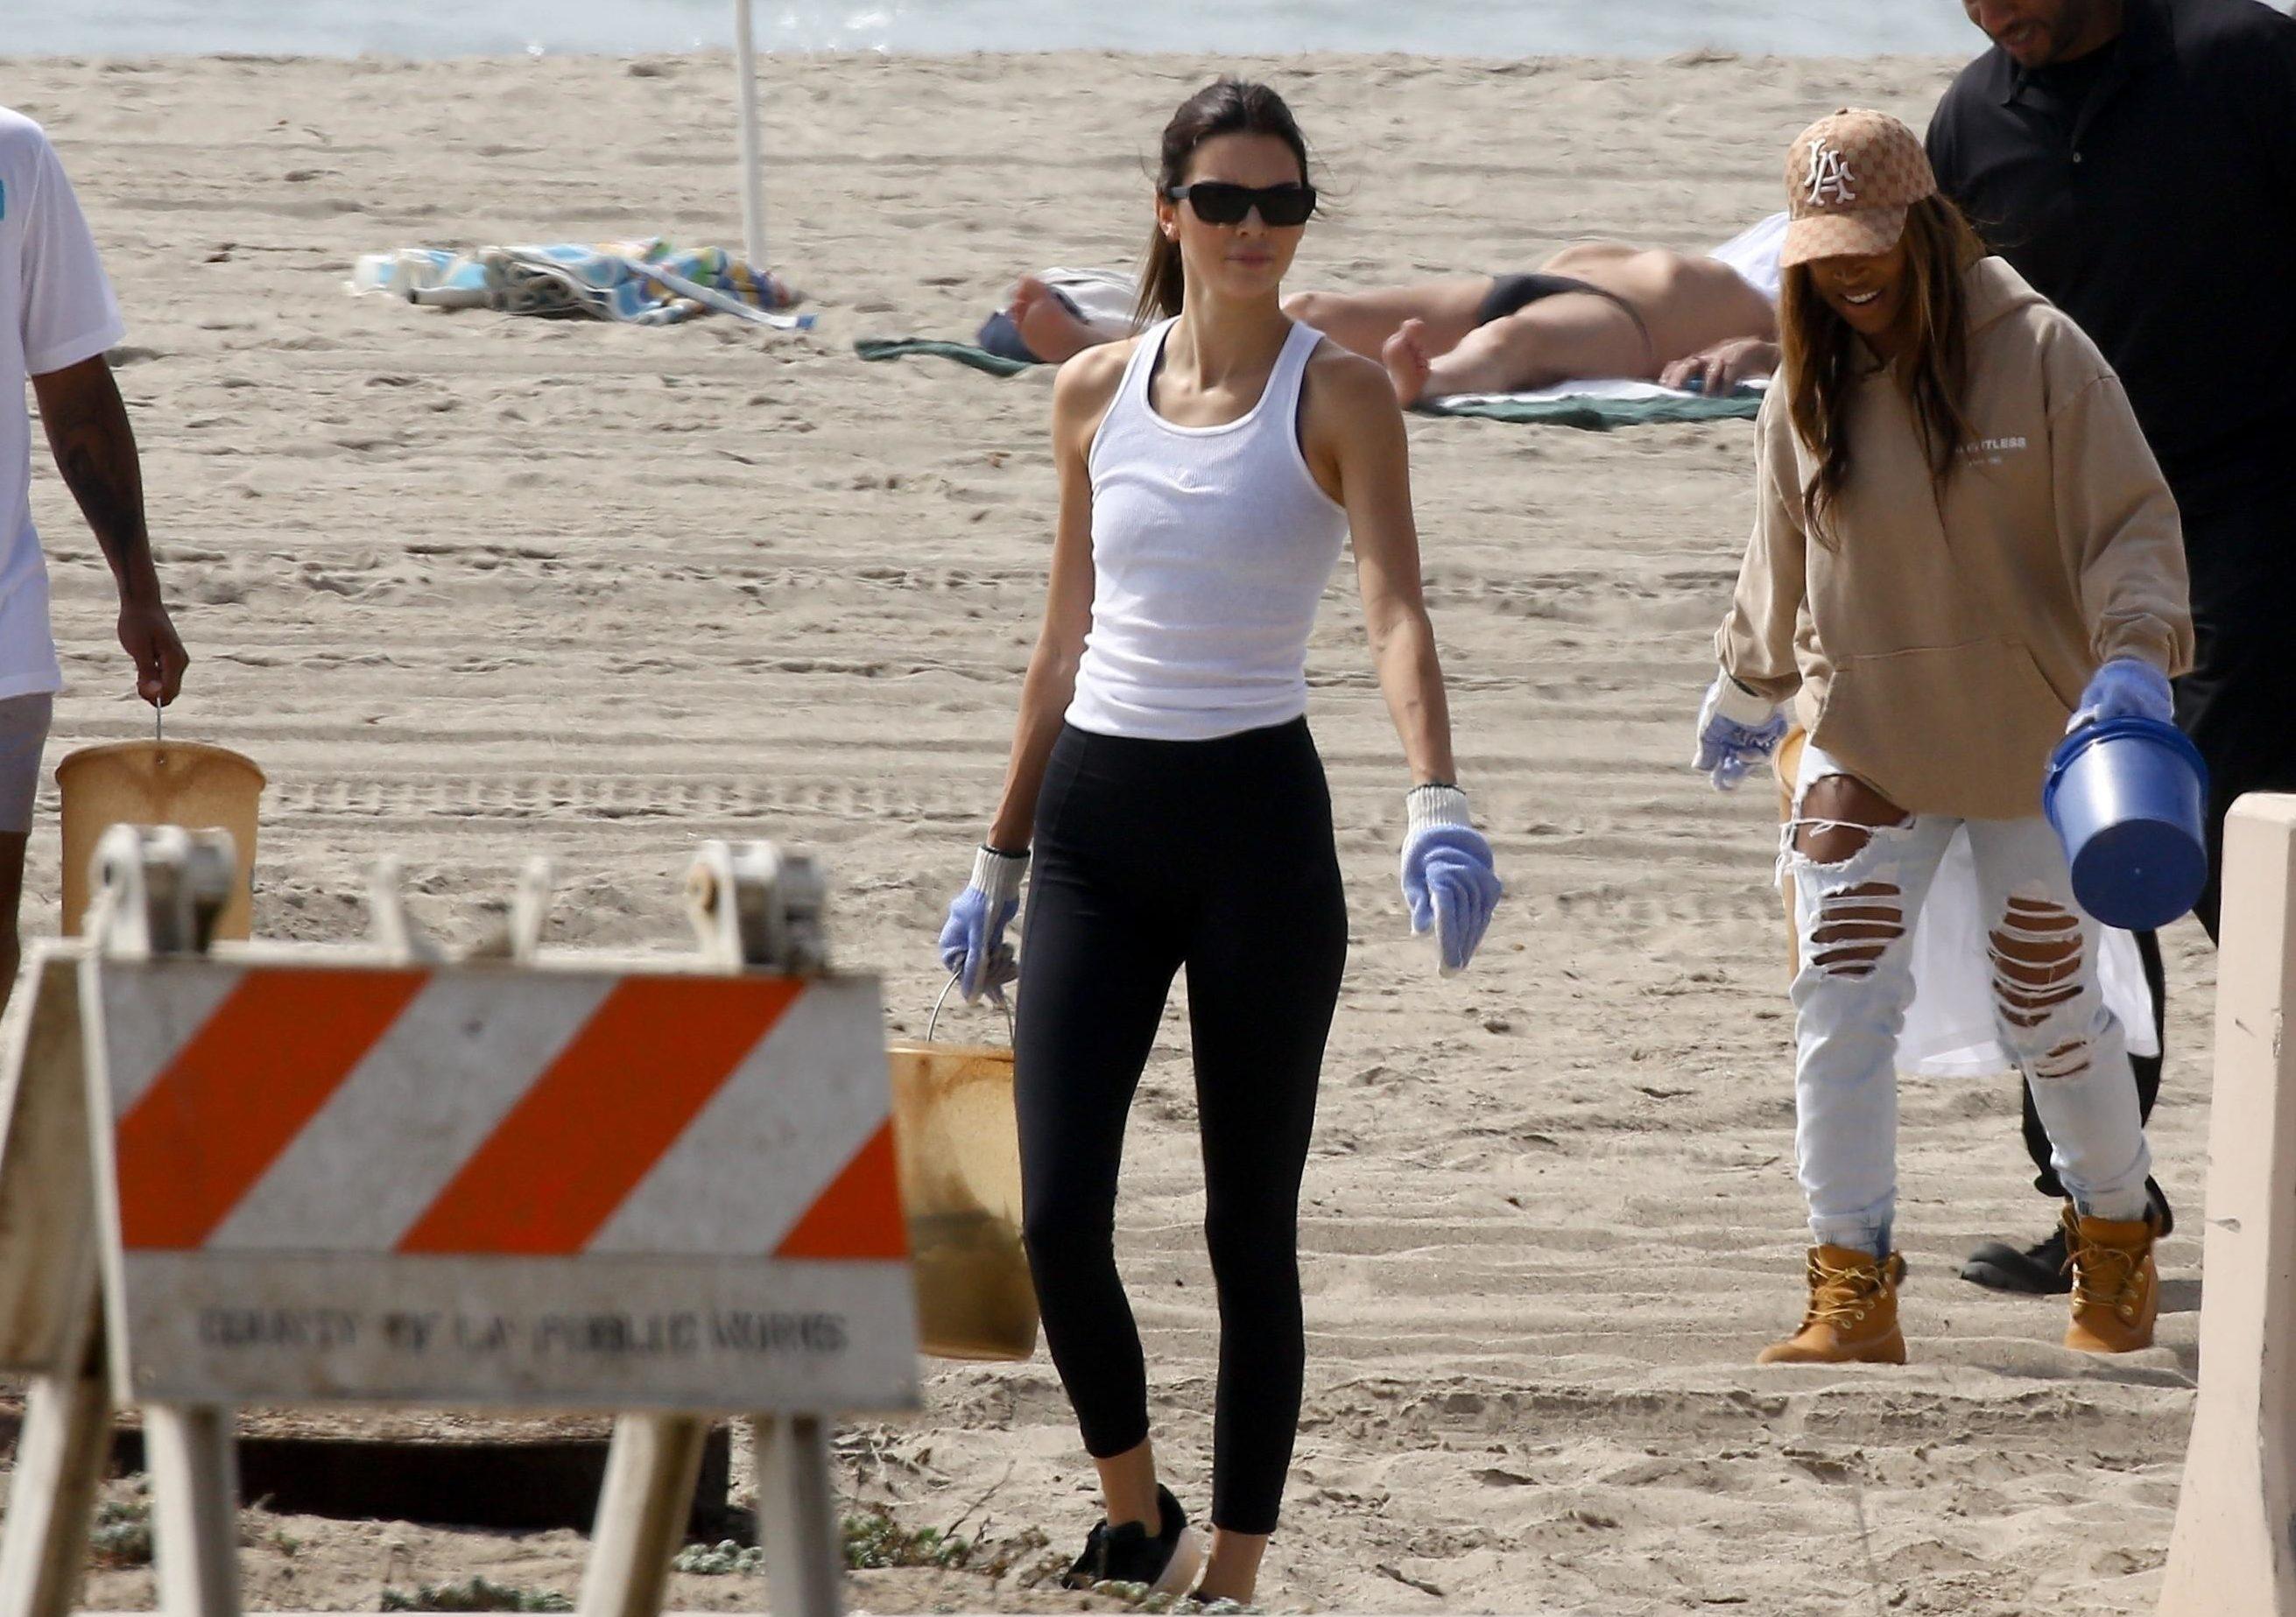 Берем пример! Кендалл Дженнер и Хлоя Кардашьян очистили пляж от мусора